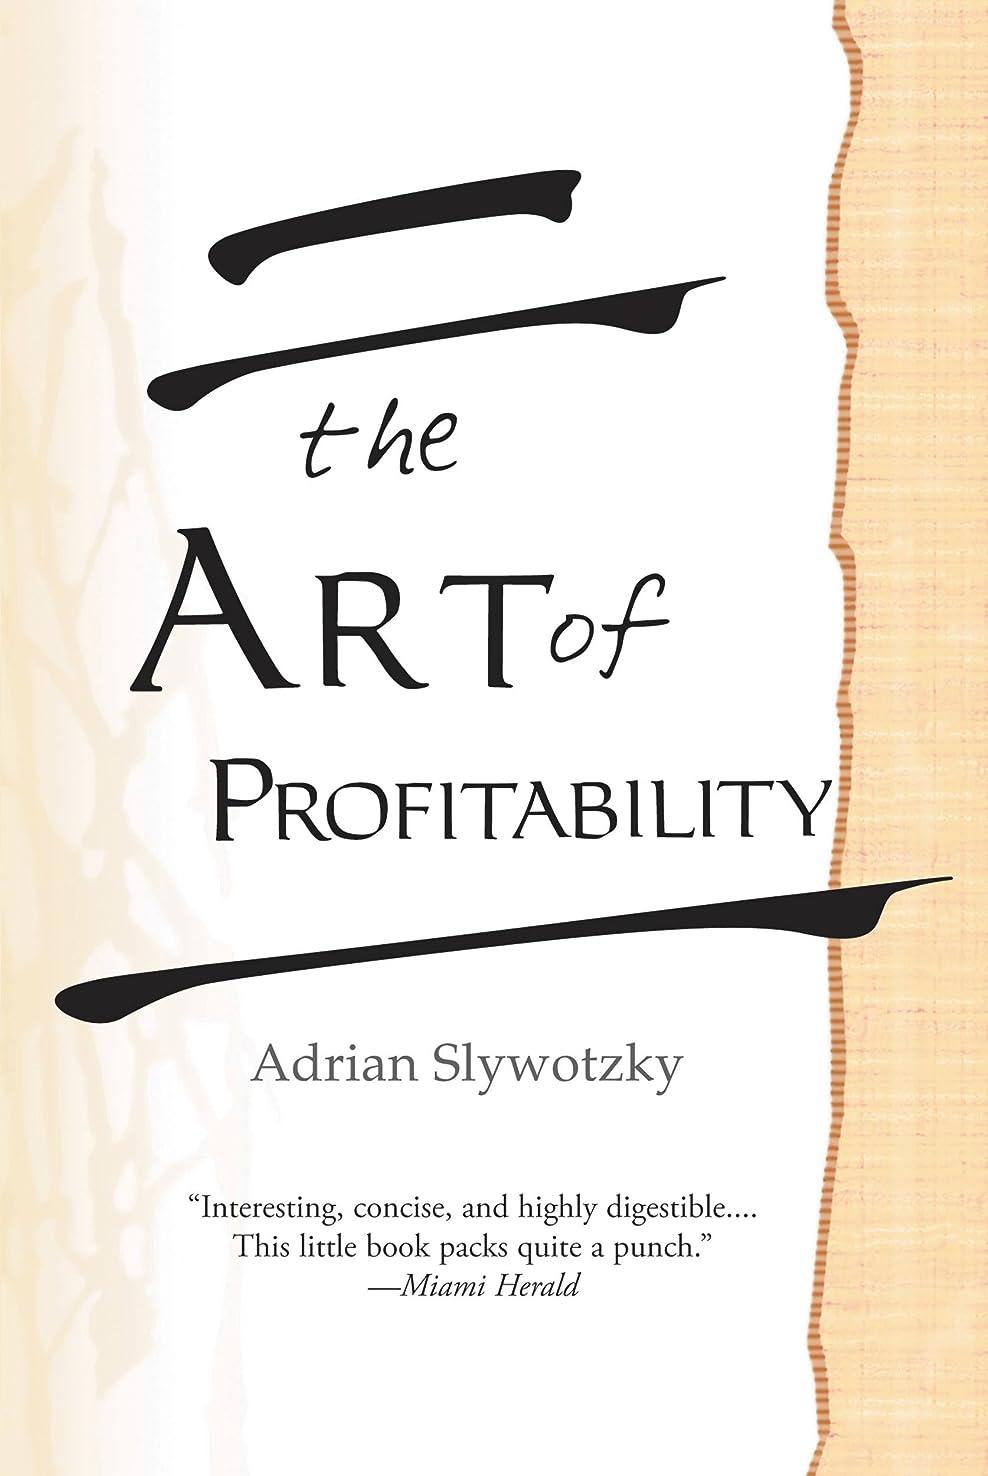 徐々に酸化物攻撃的The Art of Profitability (English Edition)